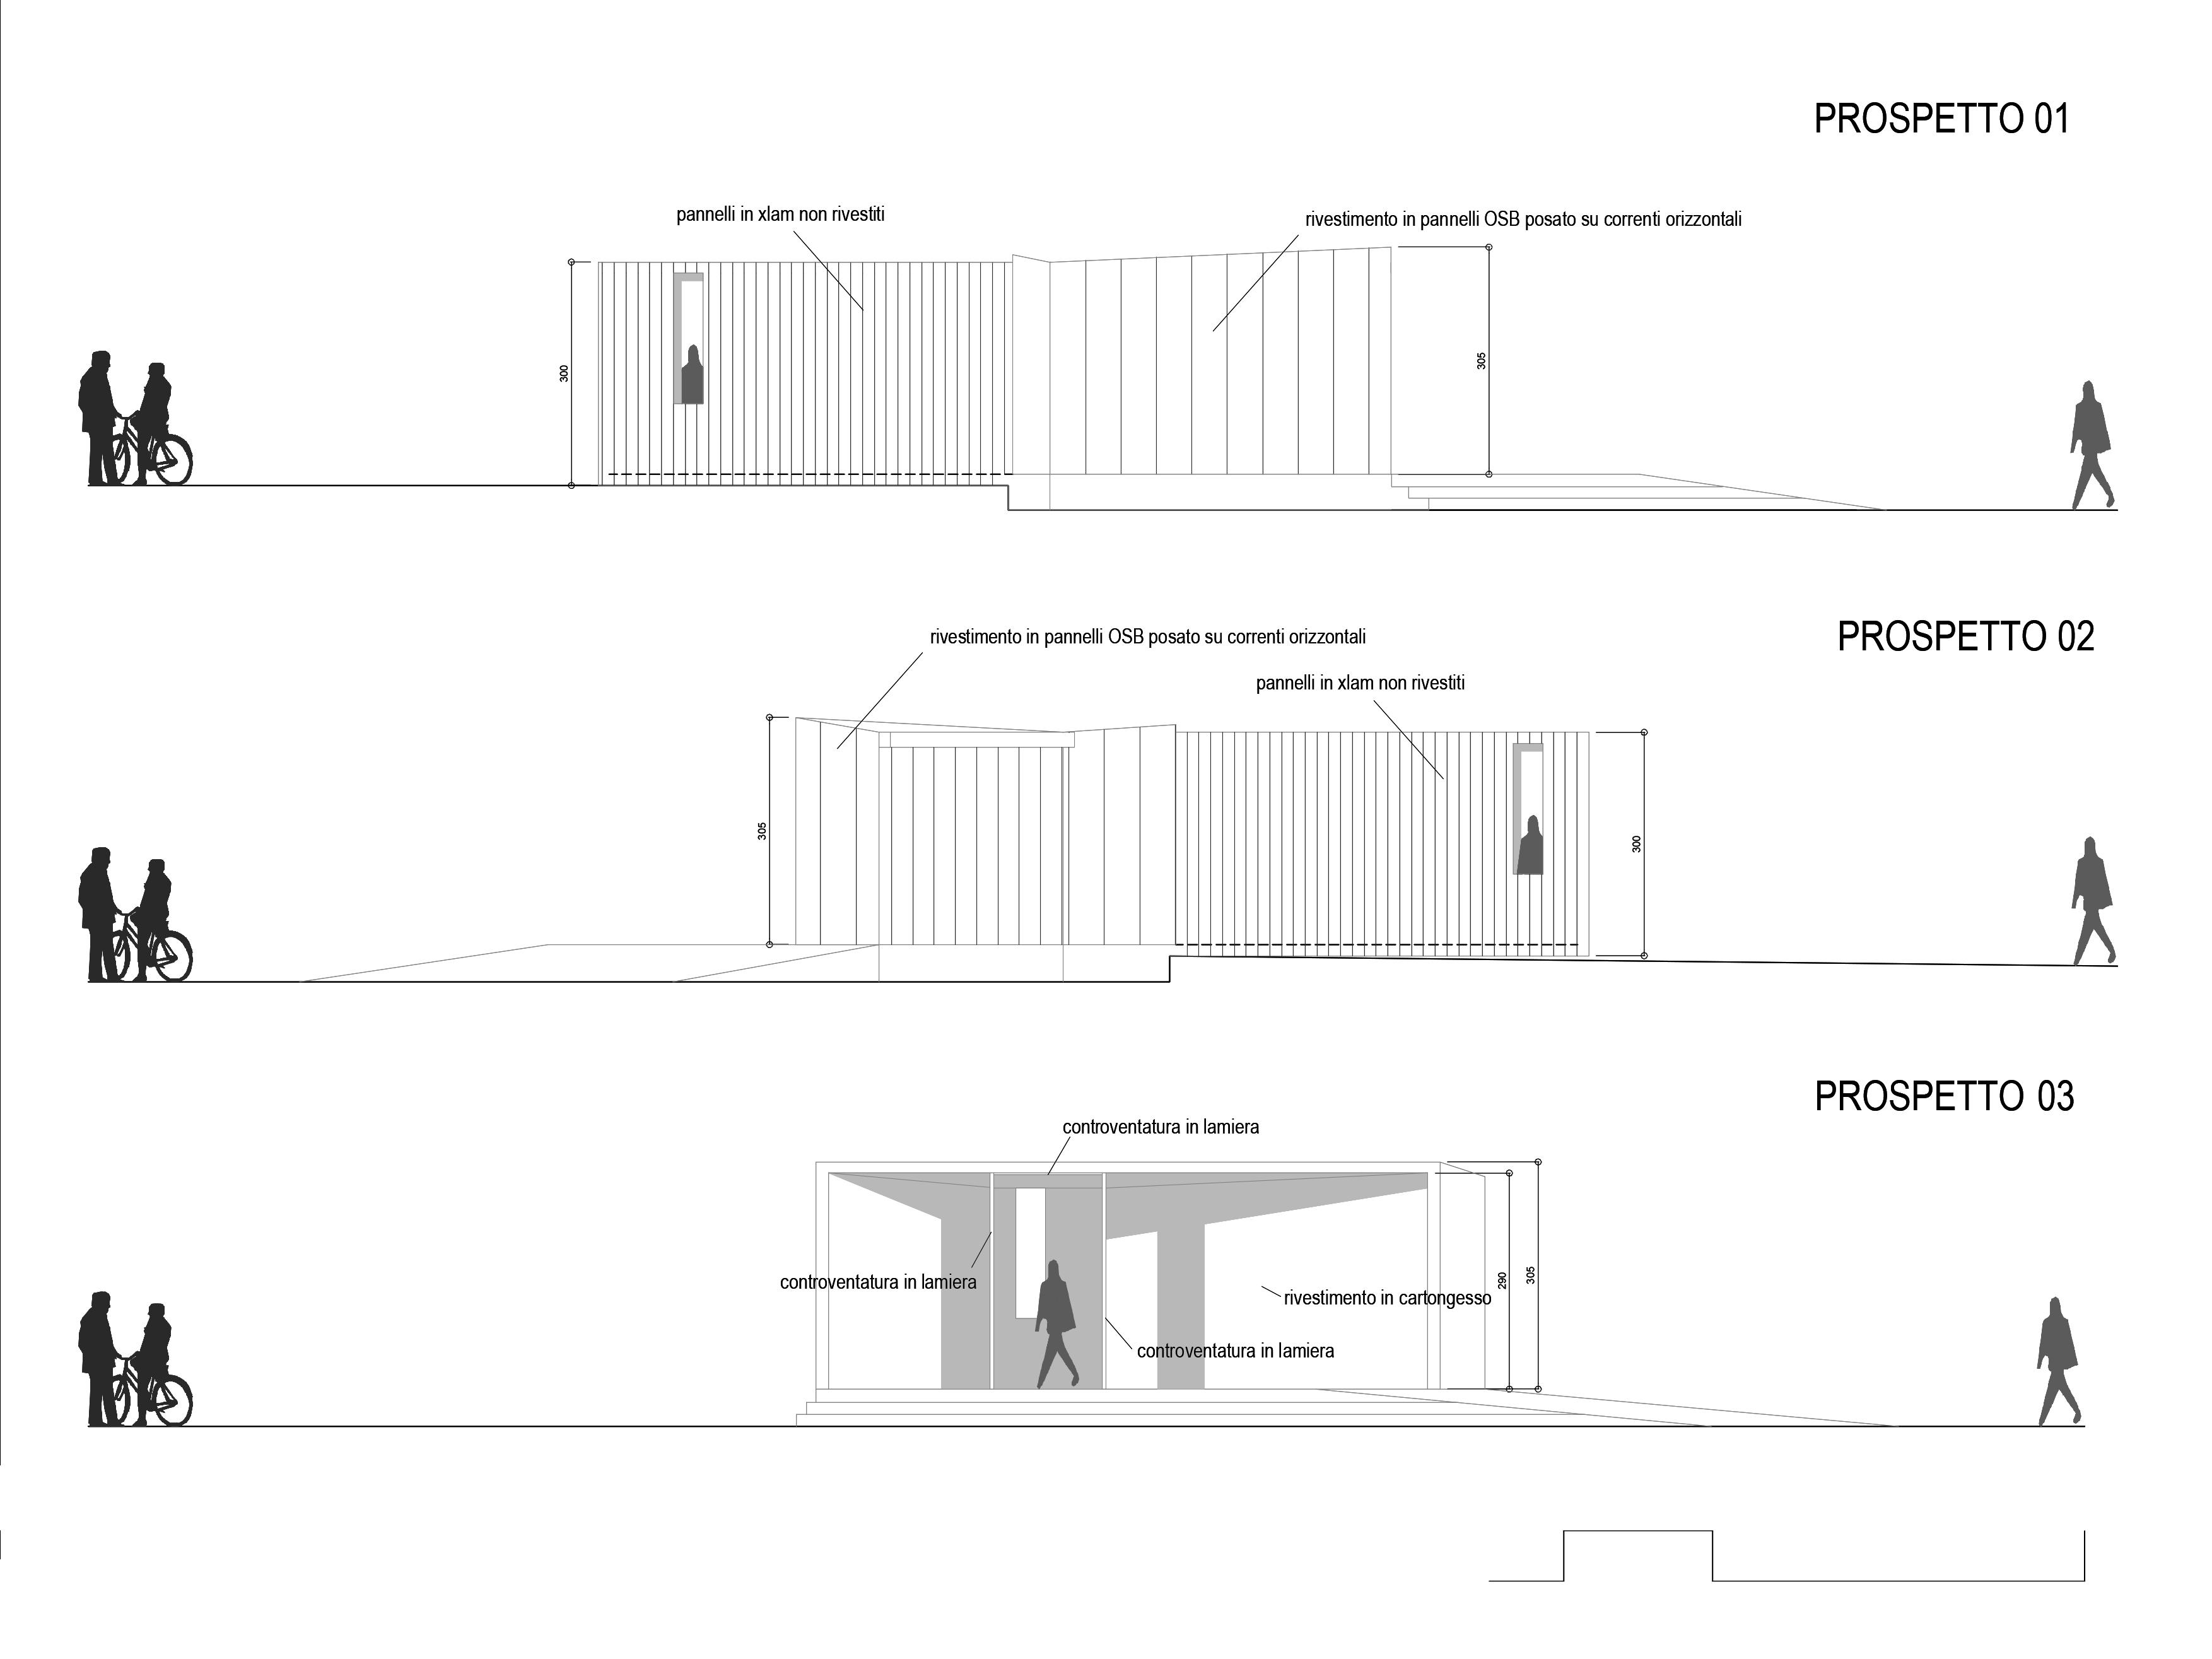 PARABOLOIDE_prospetti progetto